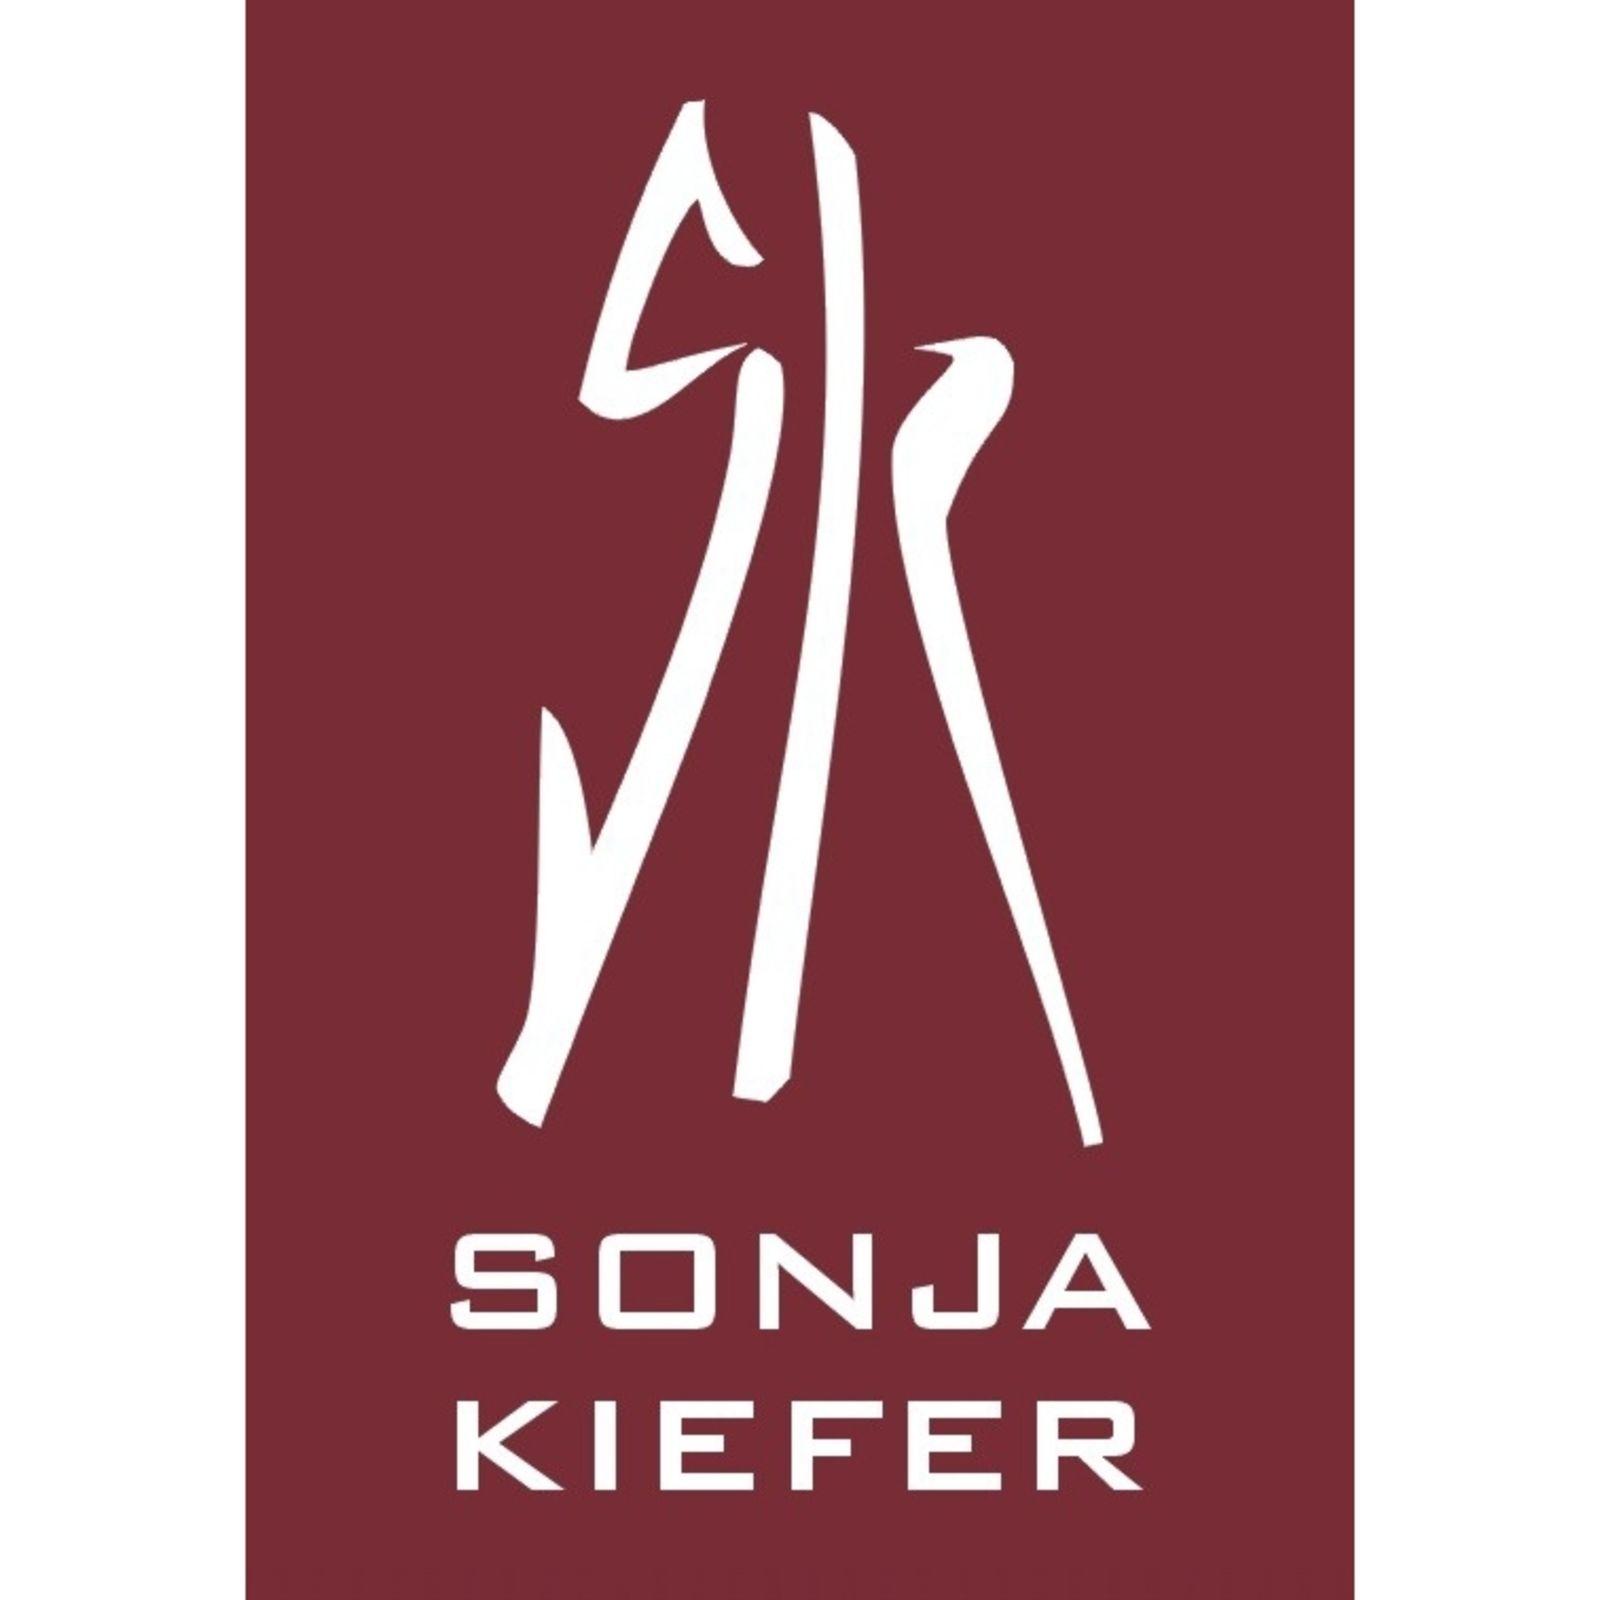 SK SONJA KIEFER